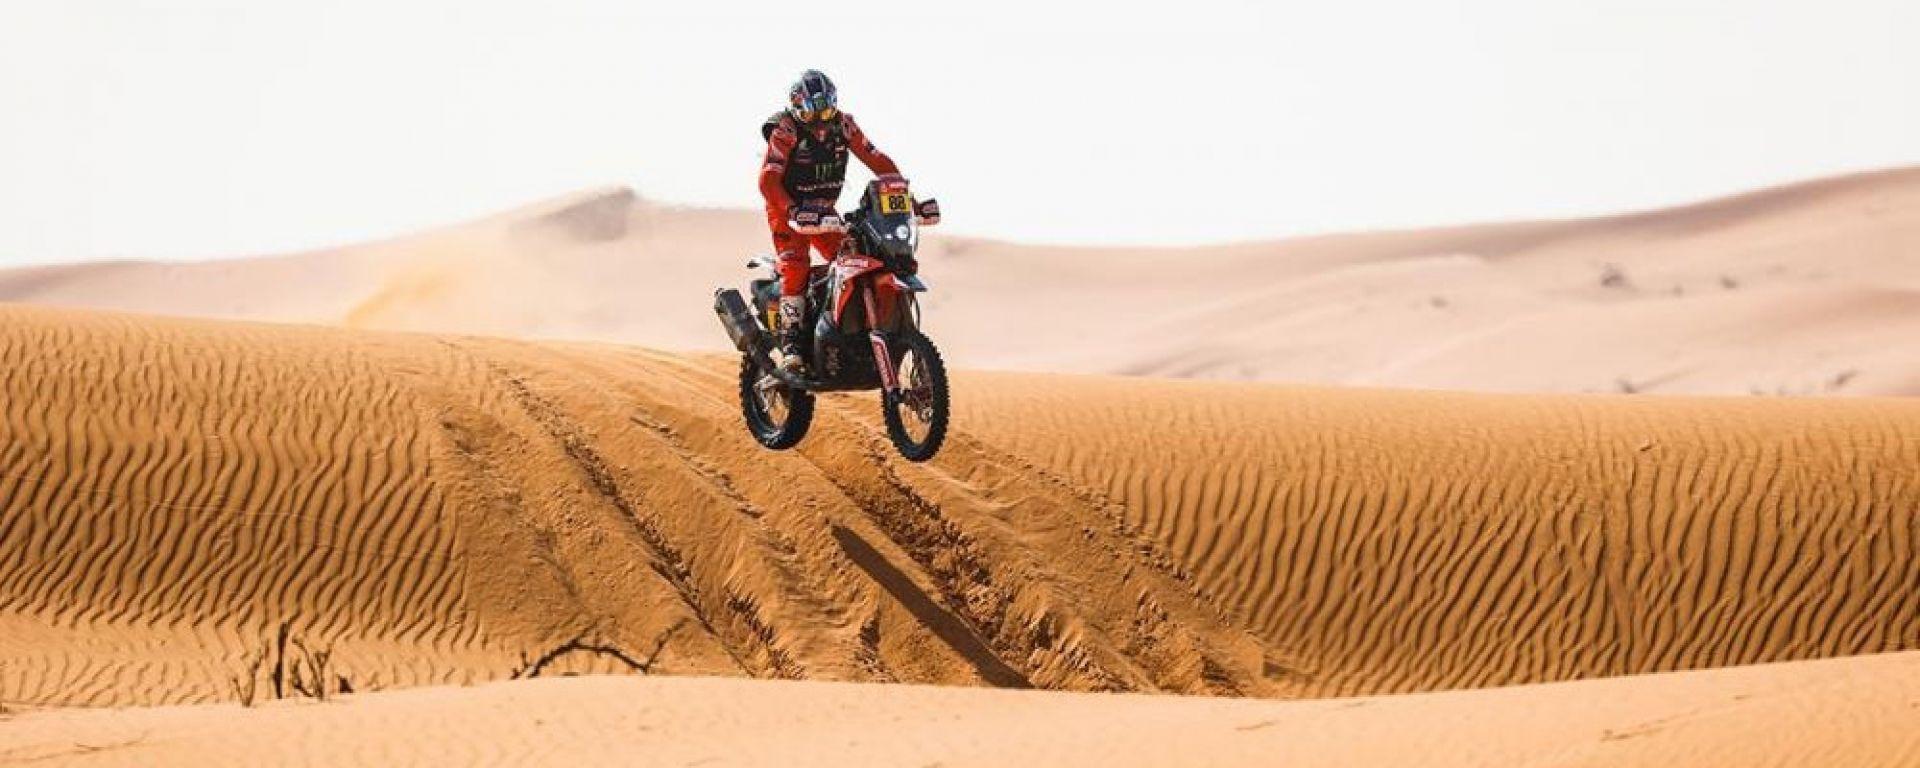 Dakar 2021, Joan Barreda Bort (Honda)